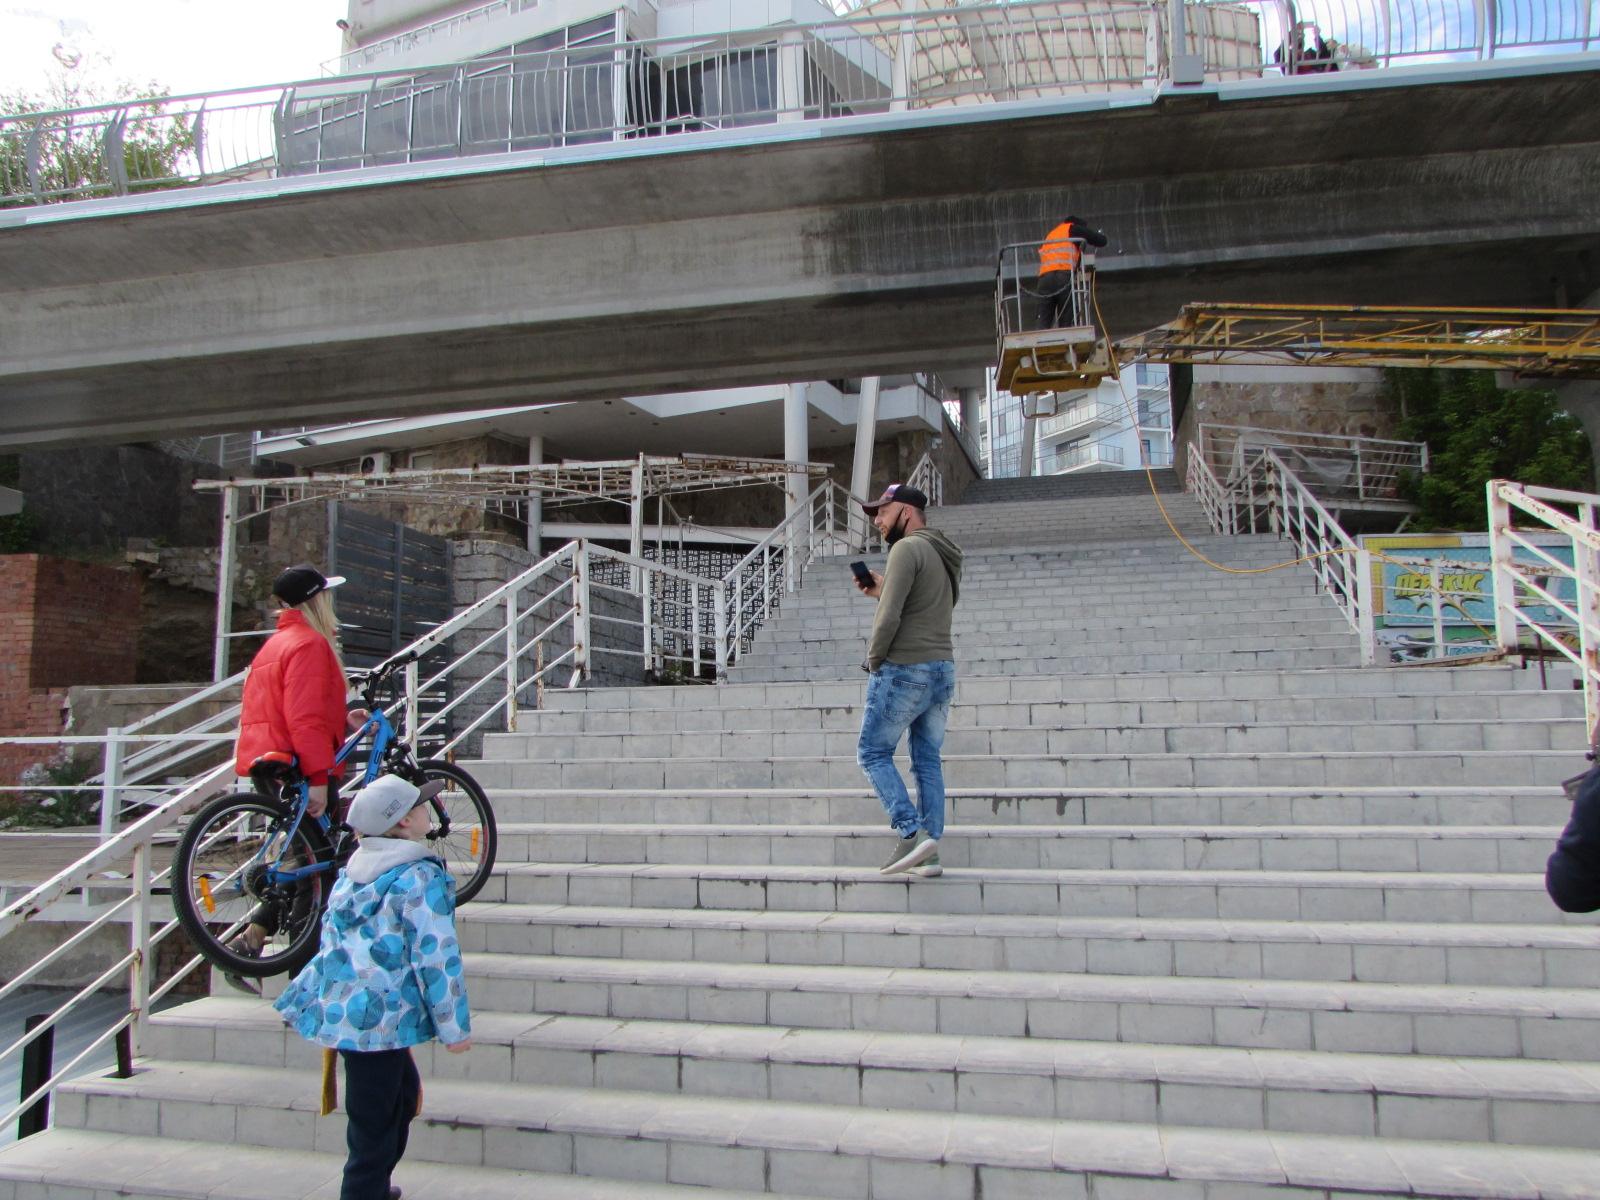 Чтобы попасть на эстакаду, нужно спустить двухколесный транспорт по лестнице